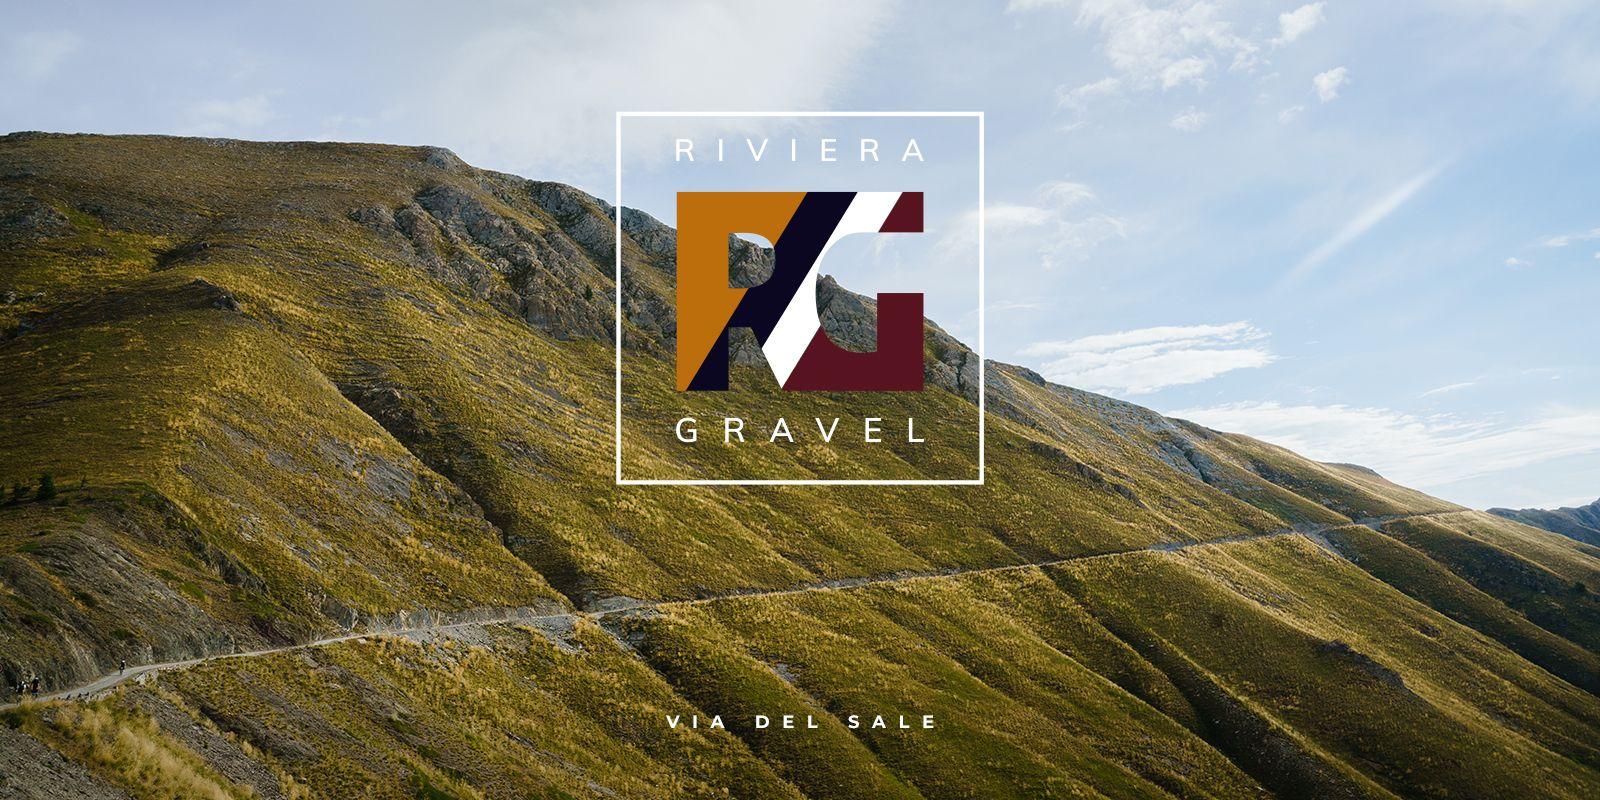 Riviera Gravel #5 – Via del Sale